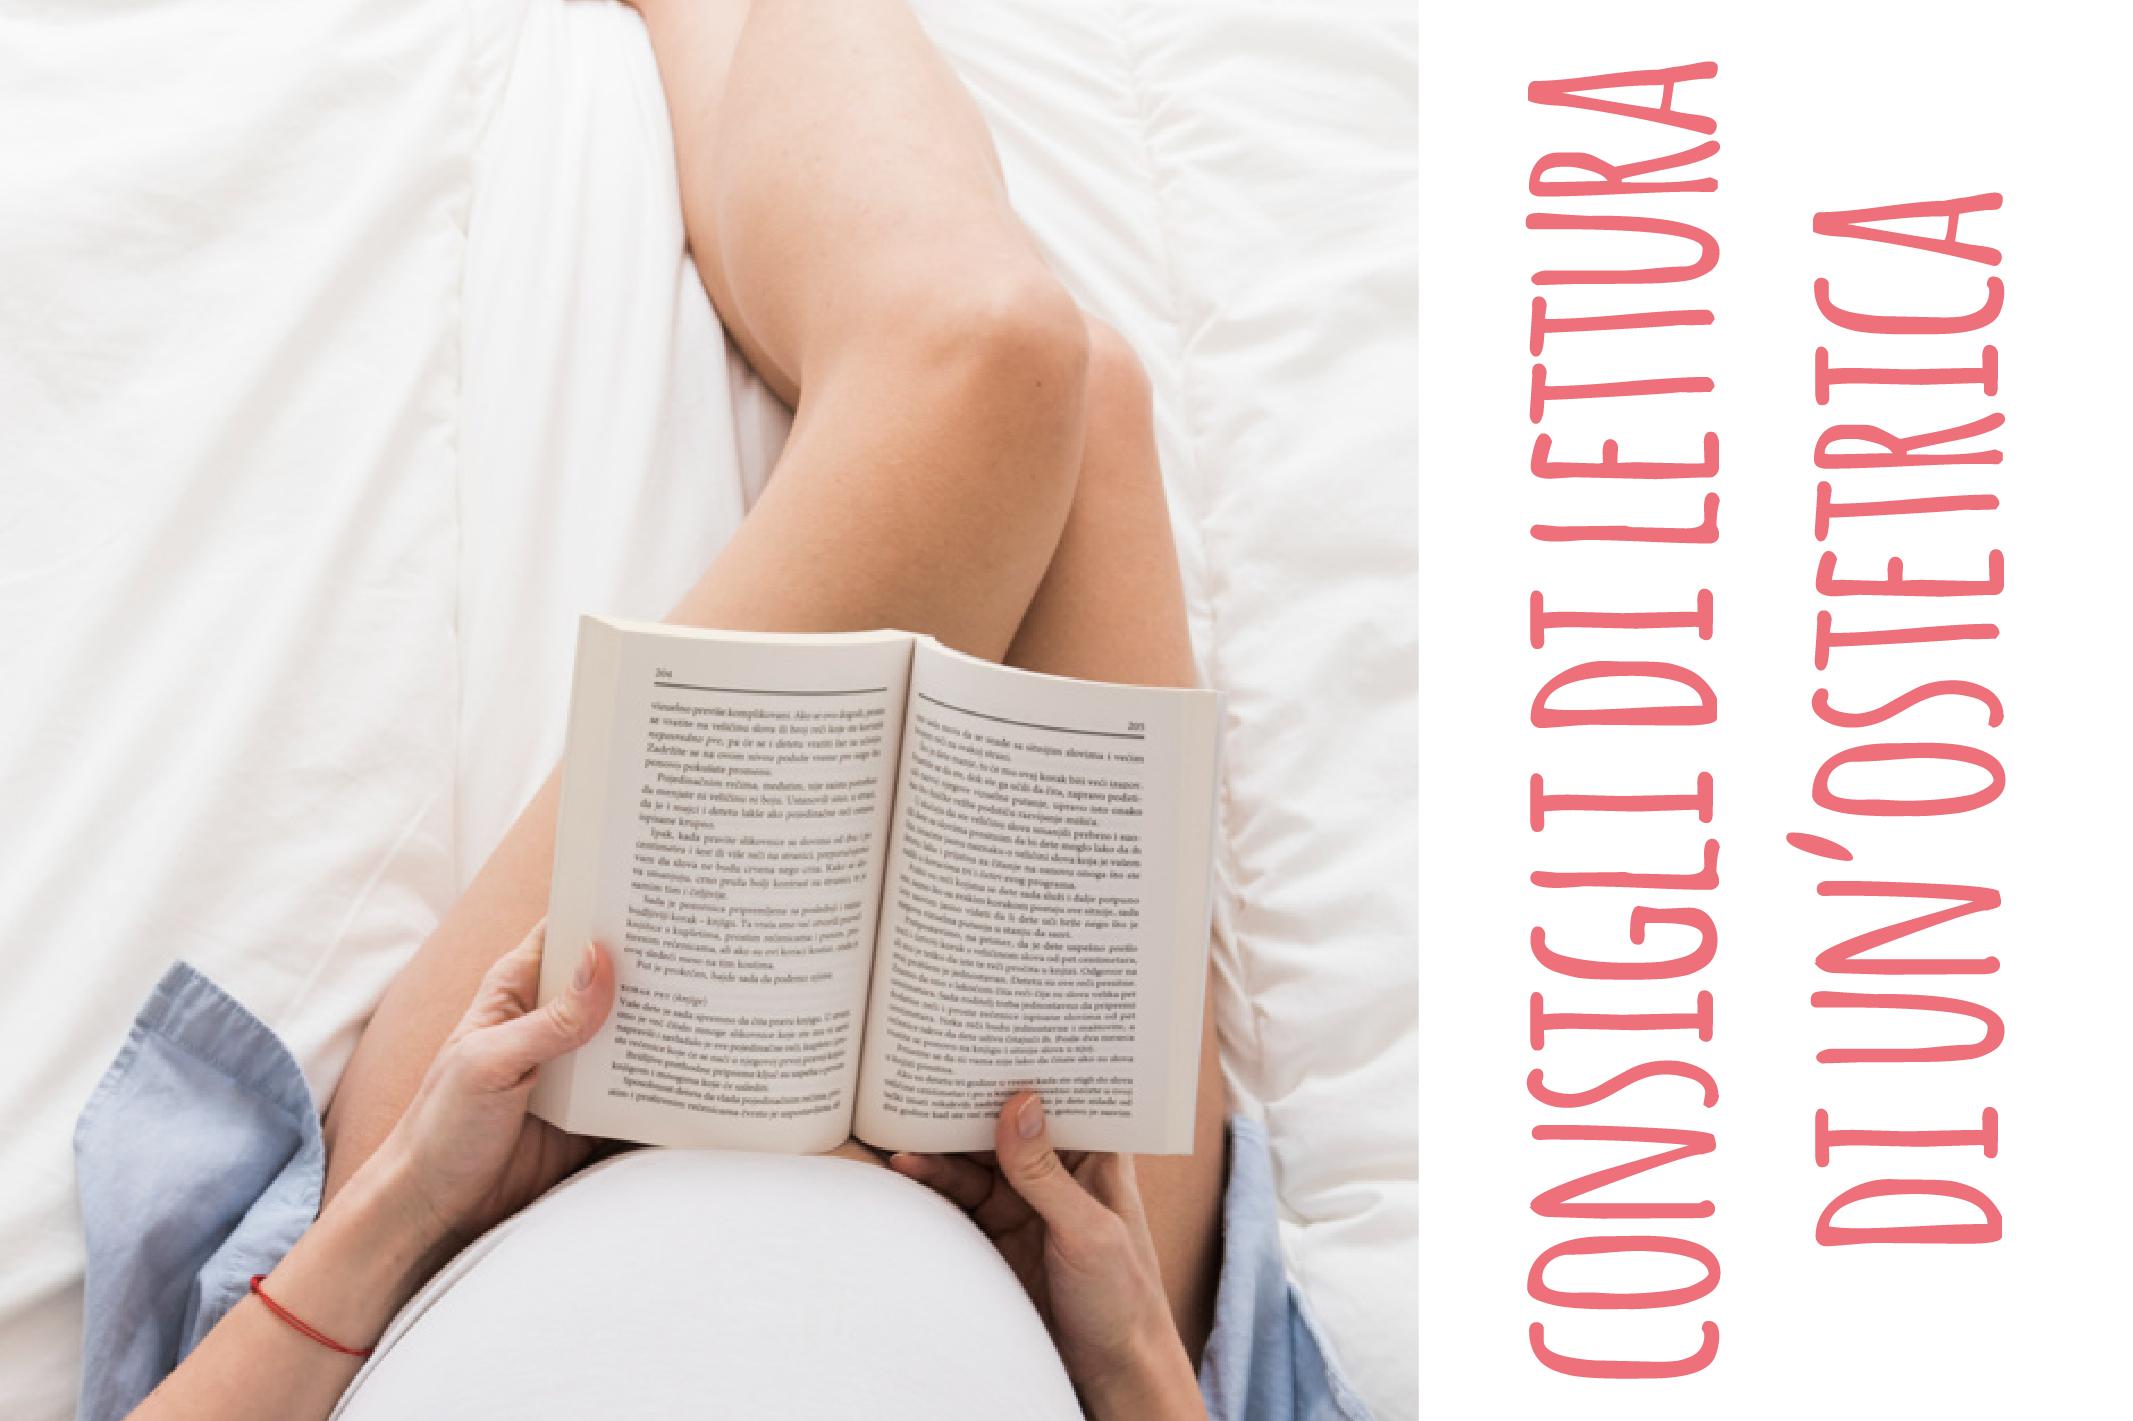 Consigli di lettura per la gravidanza